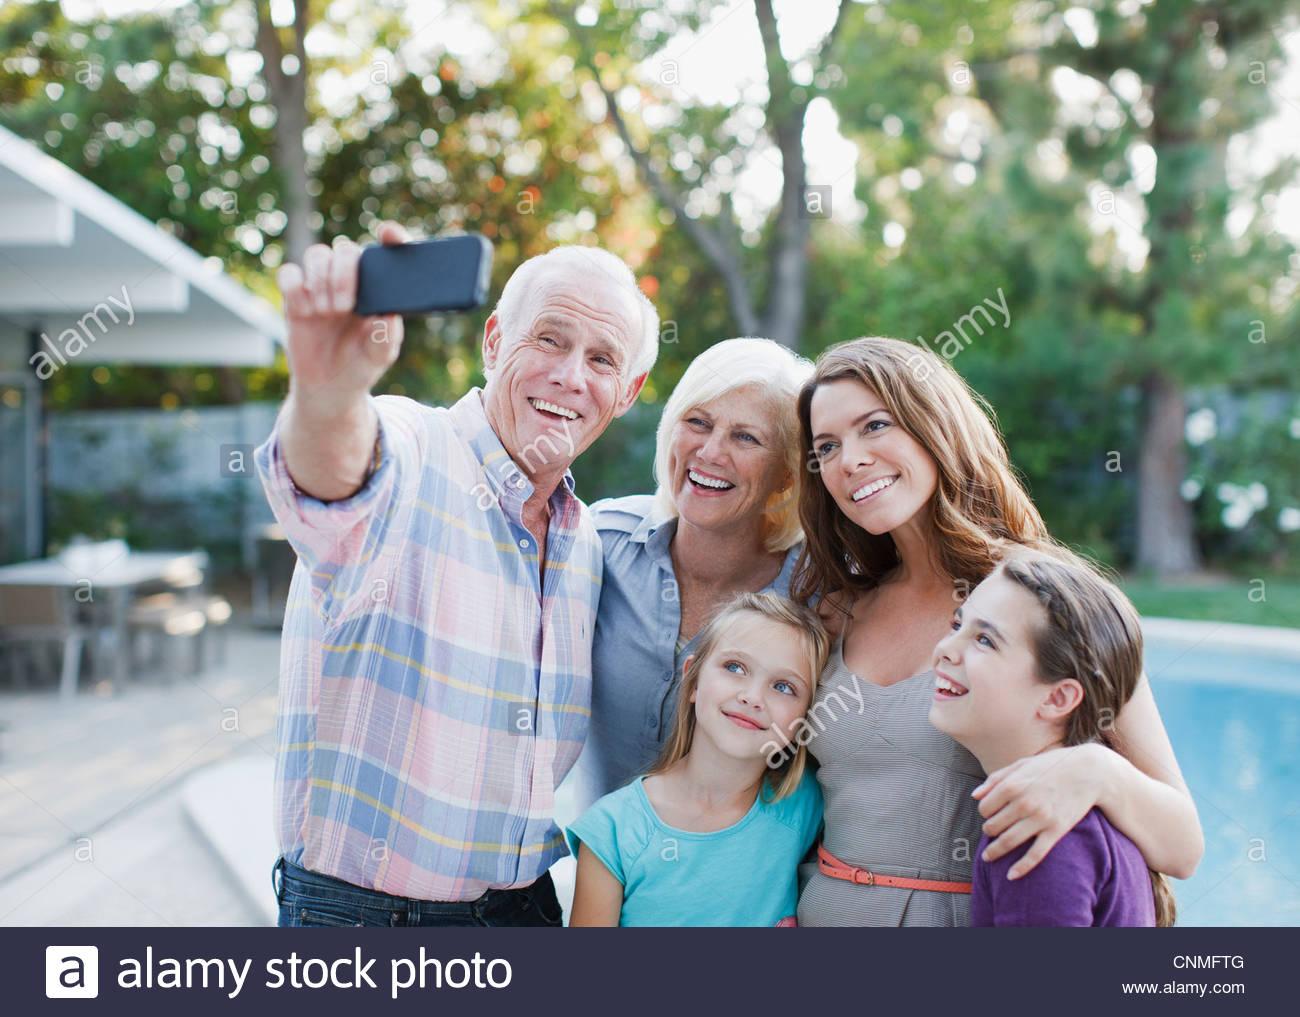 La prise de photo de famille eux-mêmes à l'extérieur Photo Stock